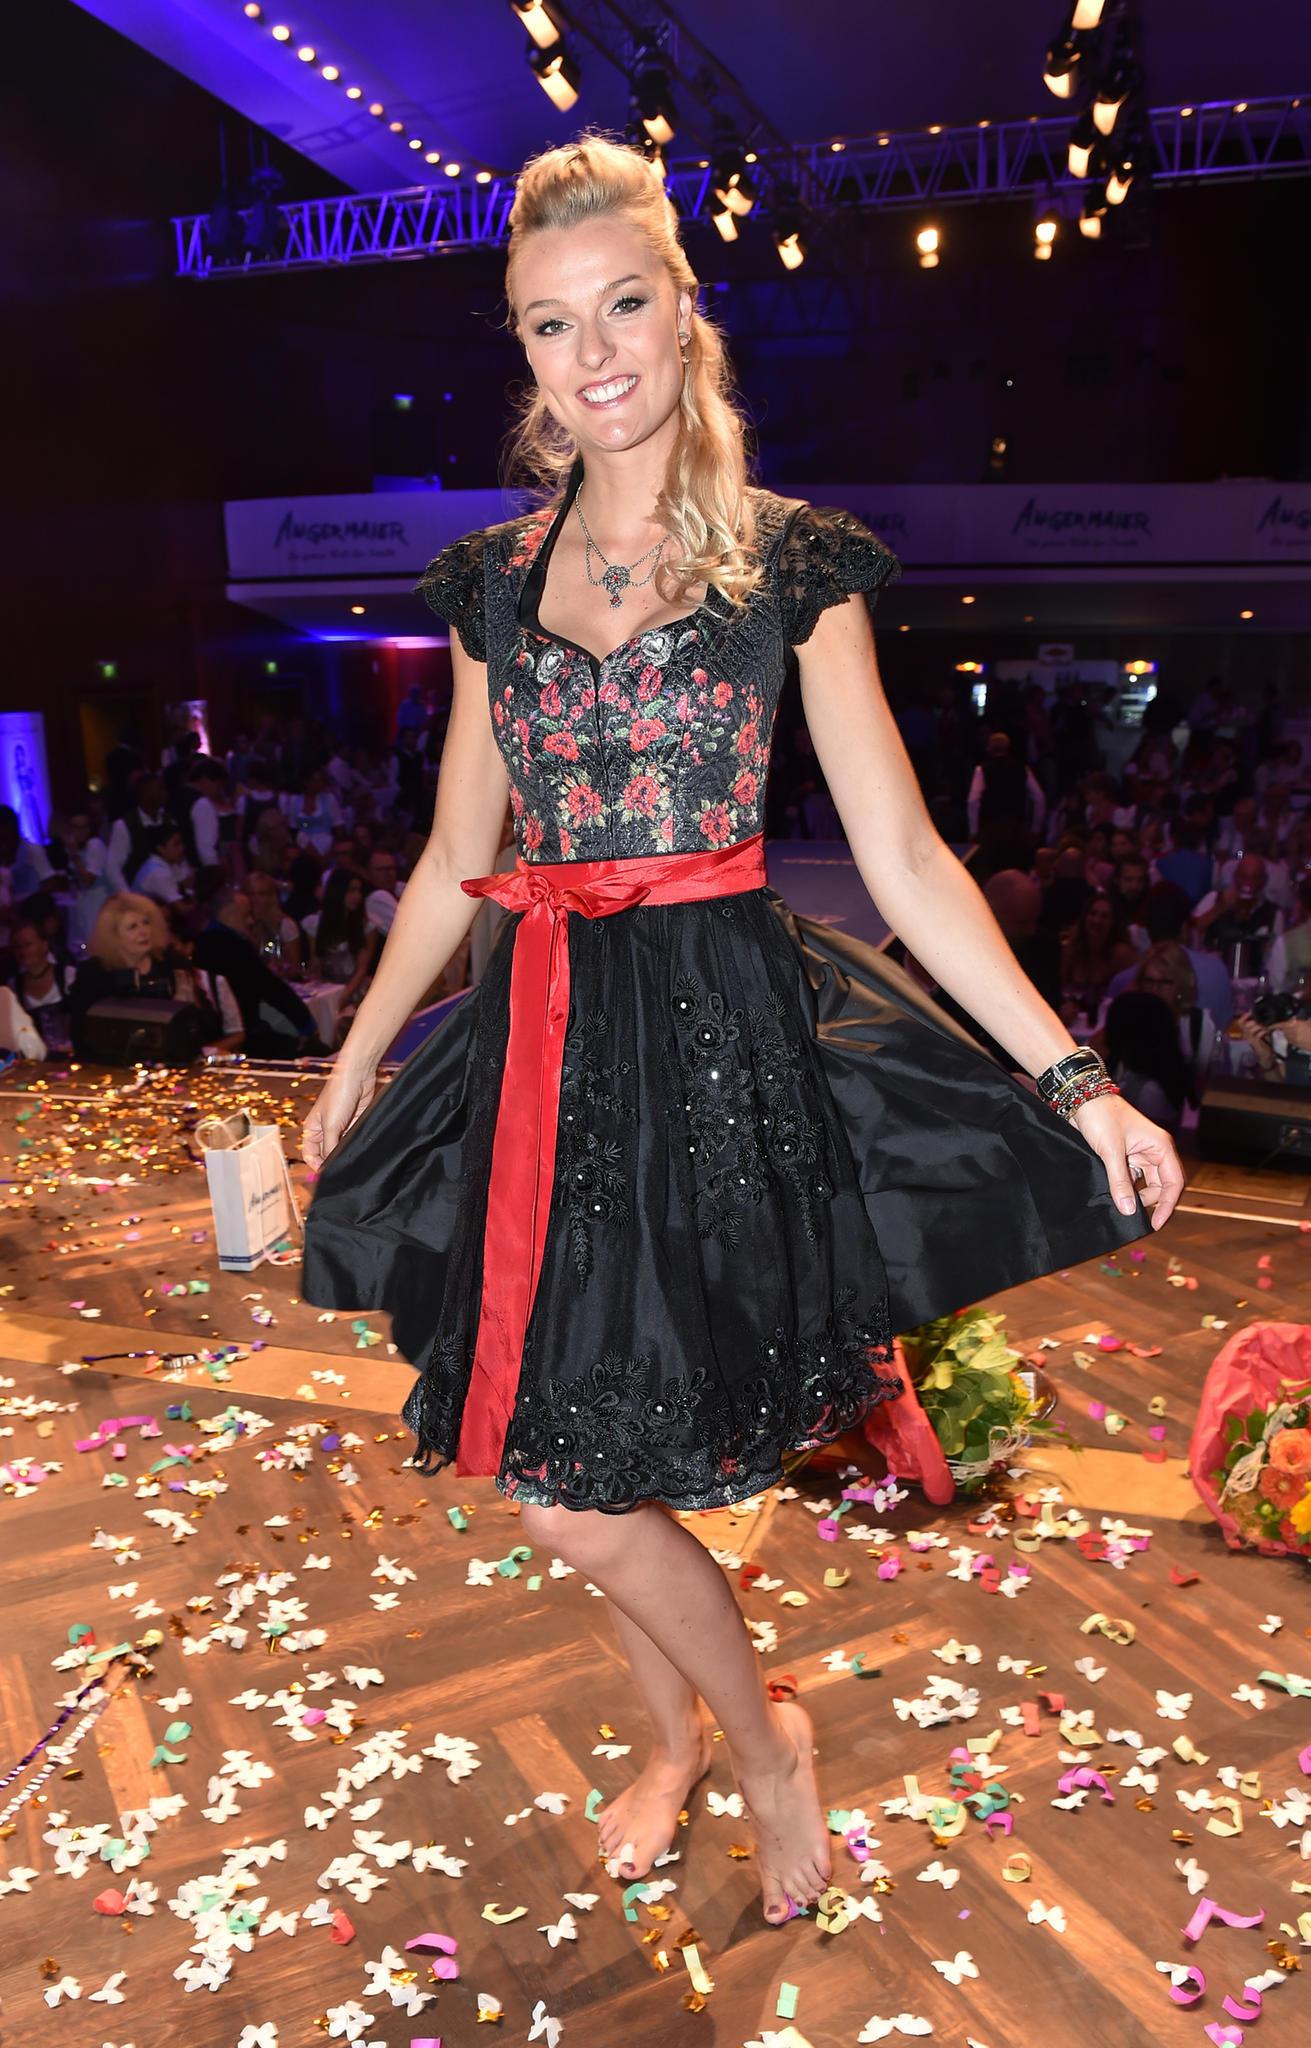 Miriam Höller Hochzeit  Miriam Höller Starporträt News Bilder